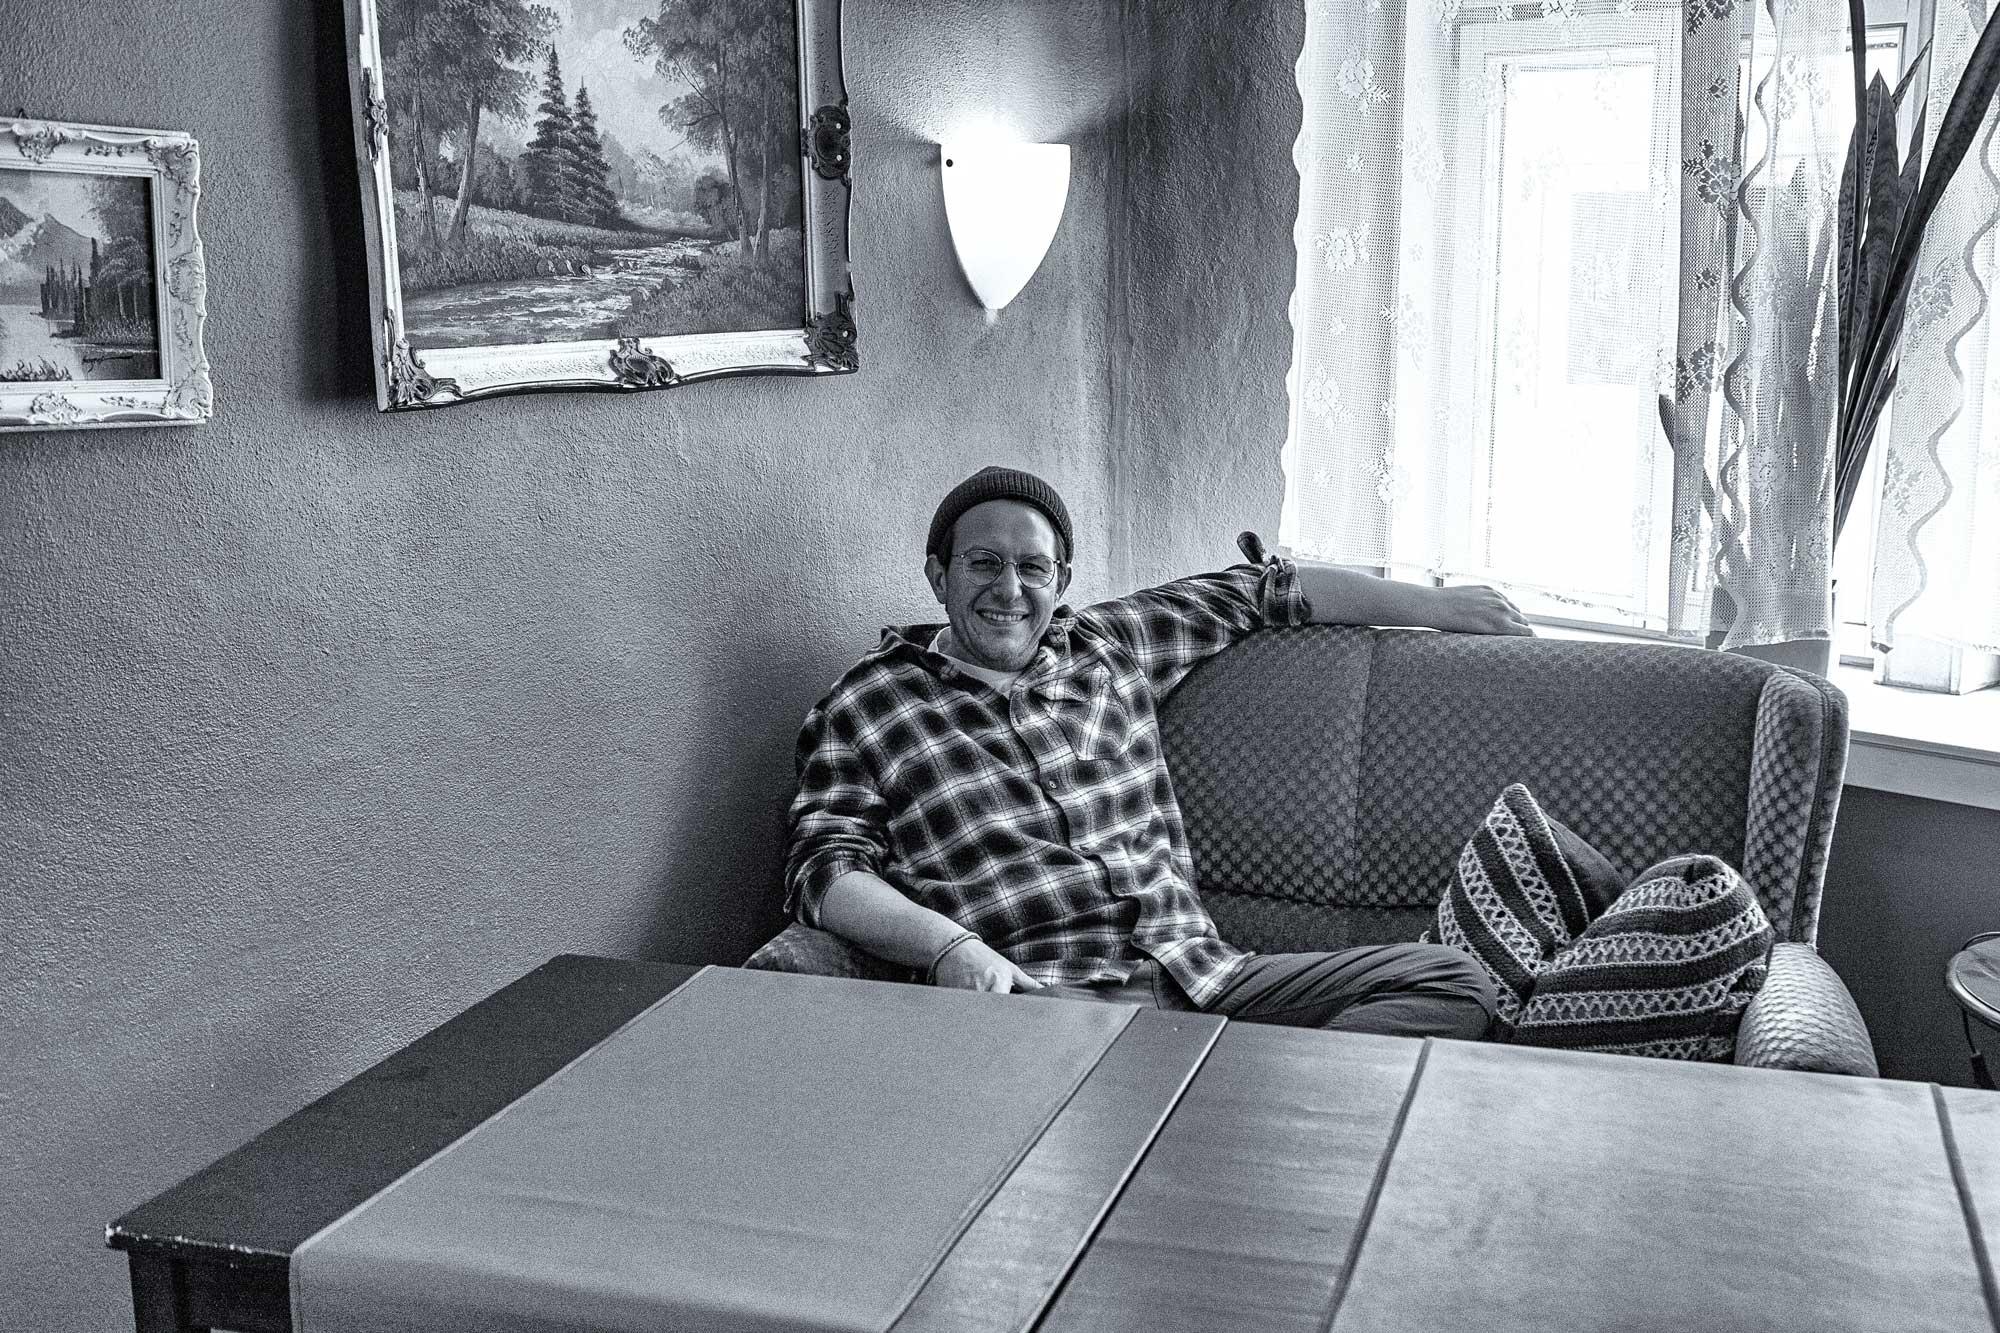 Marc-André Kaltwasser auf dem Sofa in Kaltwassers Wohnzimmer in Zwingenberg an der Bergstraße in Südhessen